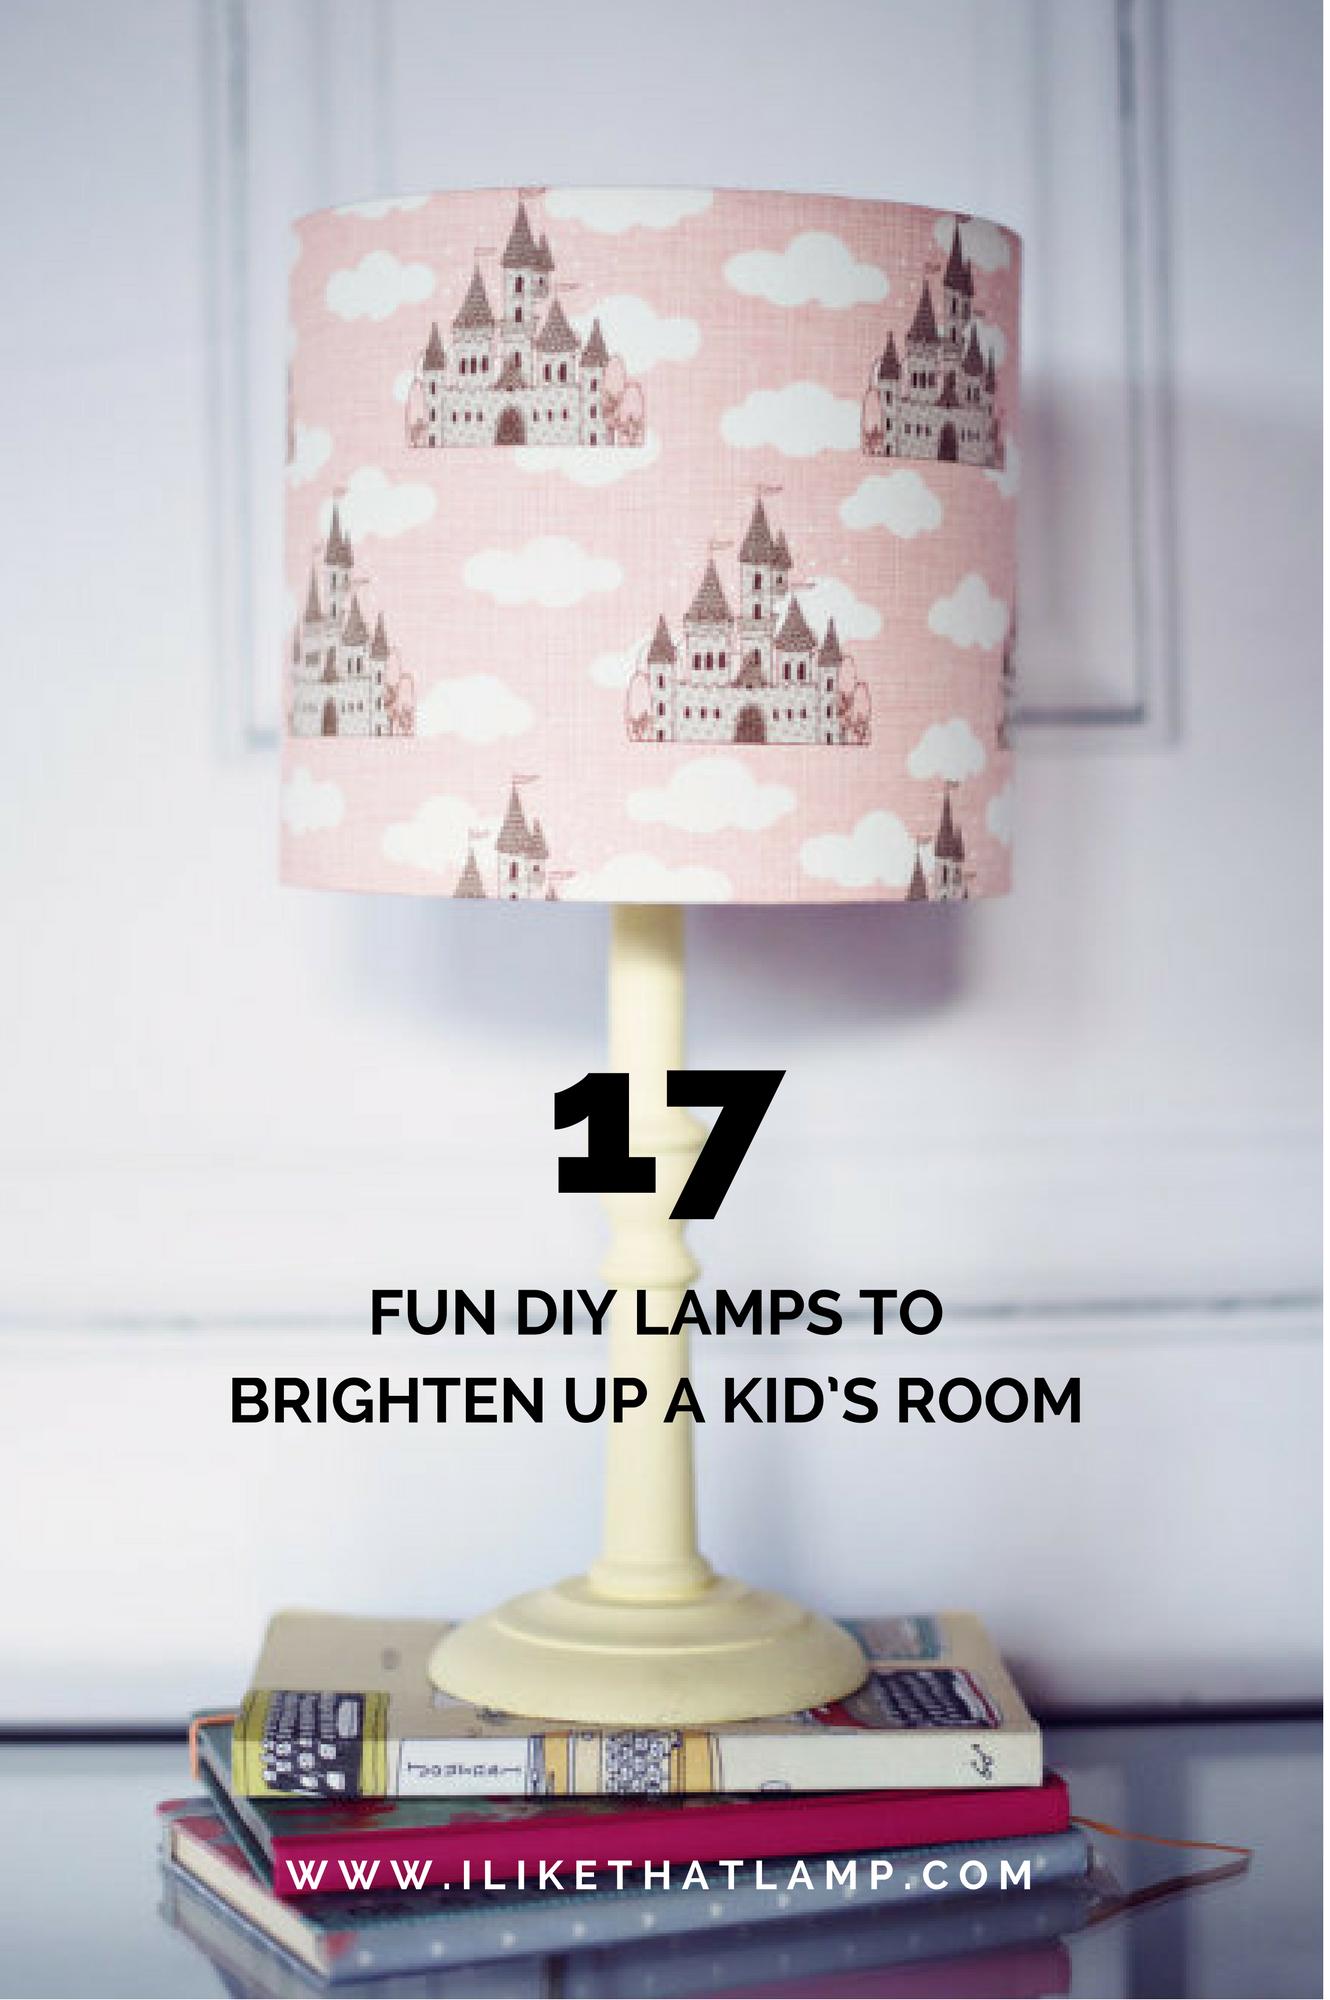 17 Fun DIY Lamps to Brighten Up a Kid's Room | Diy nursery